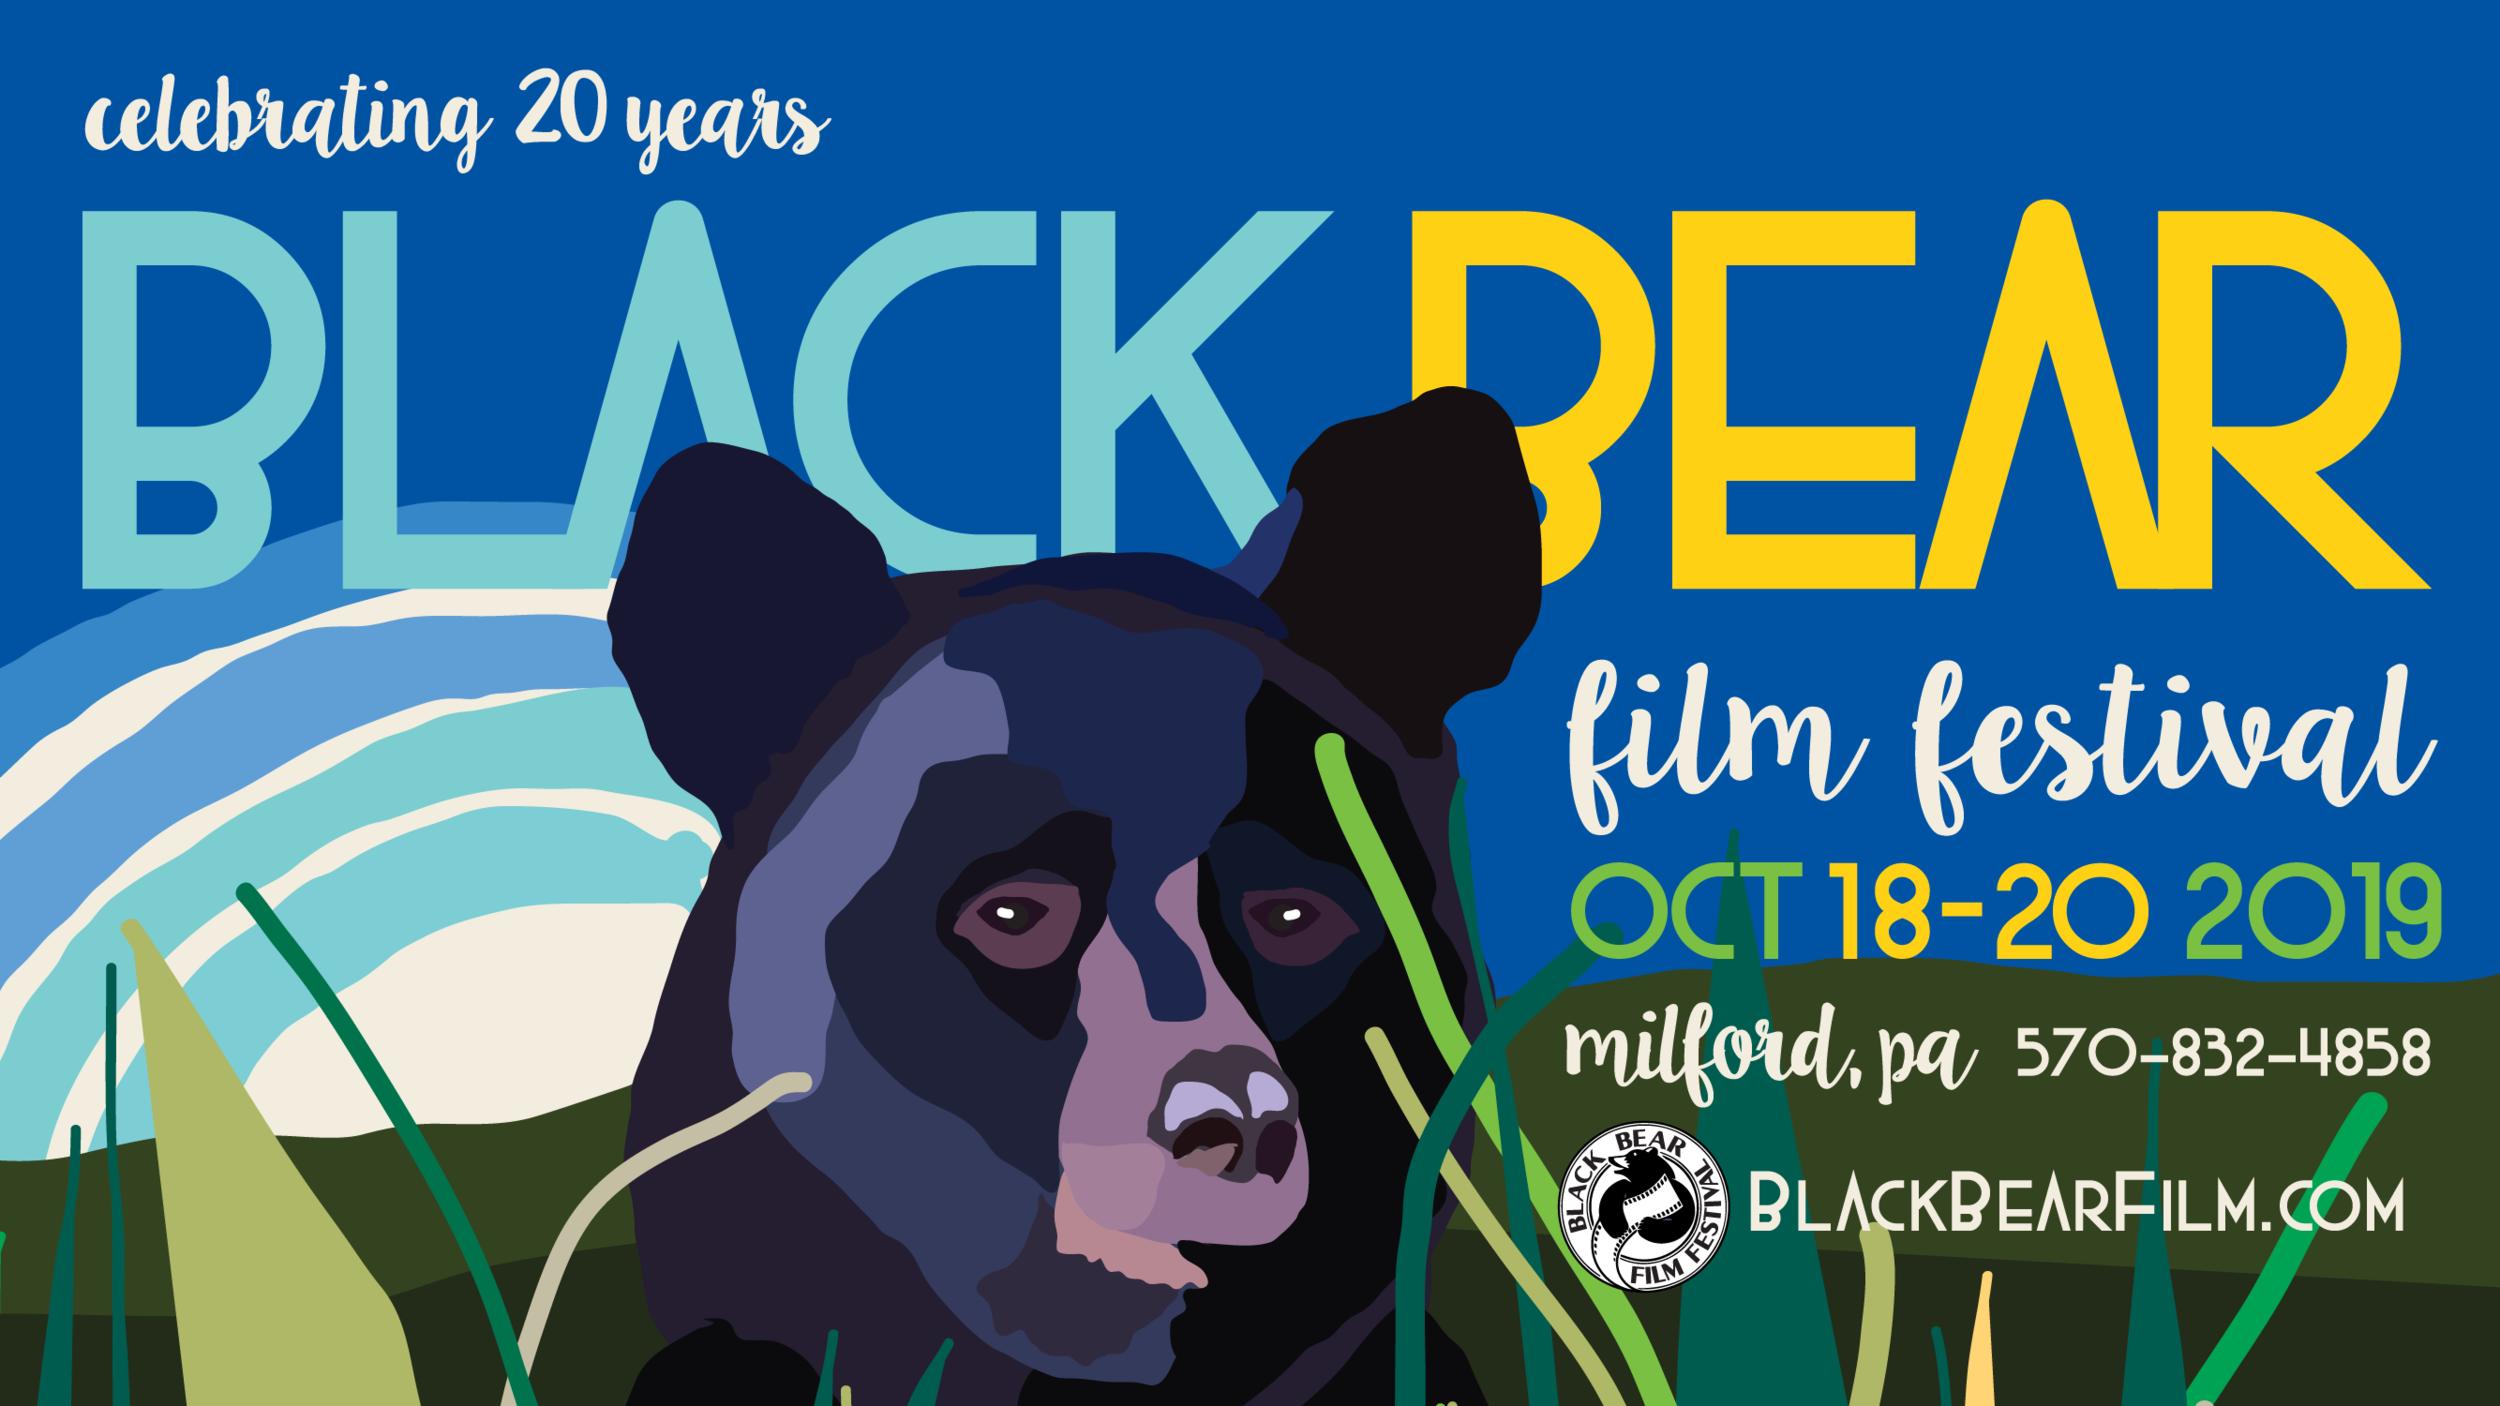 Courtesy of the Black Bear Film Festival